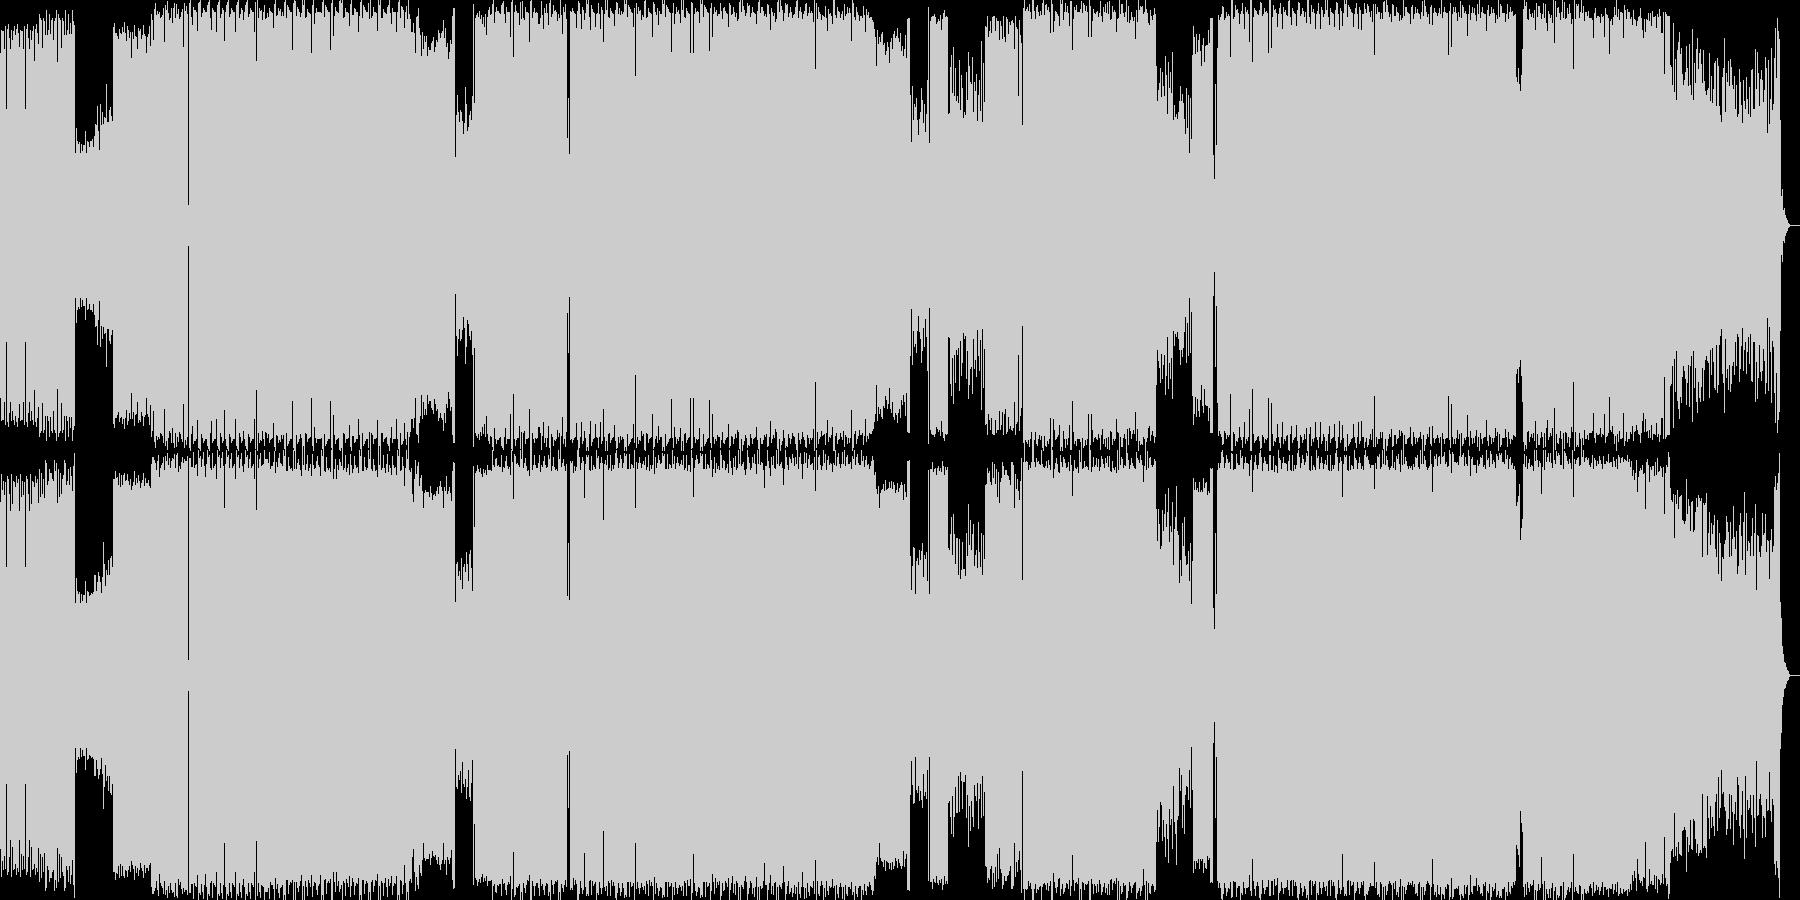 ギターリフが特徴的な曲の未再生の波形